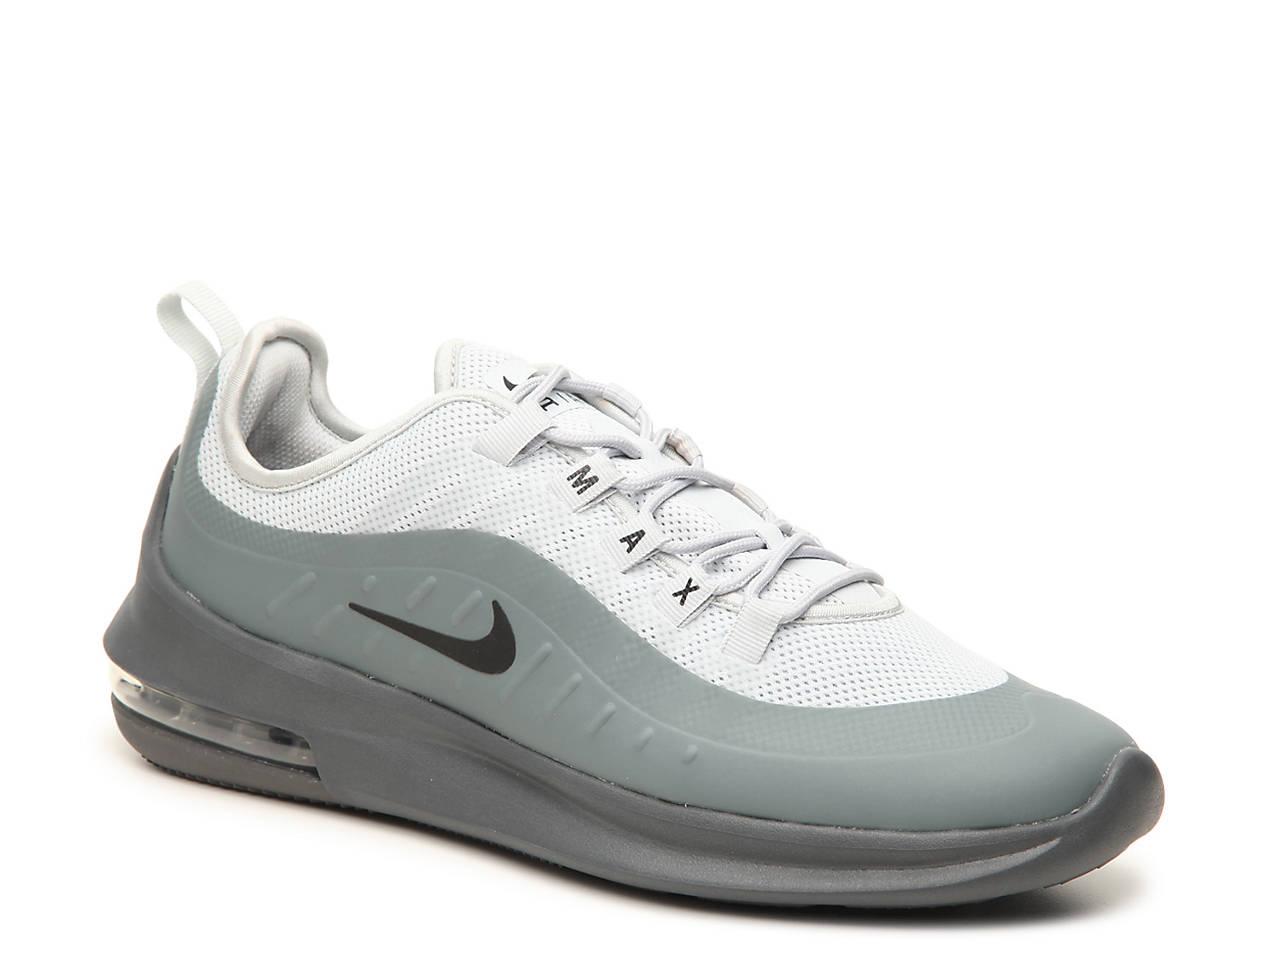 Nike Air Max Axis Sneaker - Men s Men s Shoes  bd554b71c